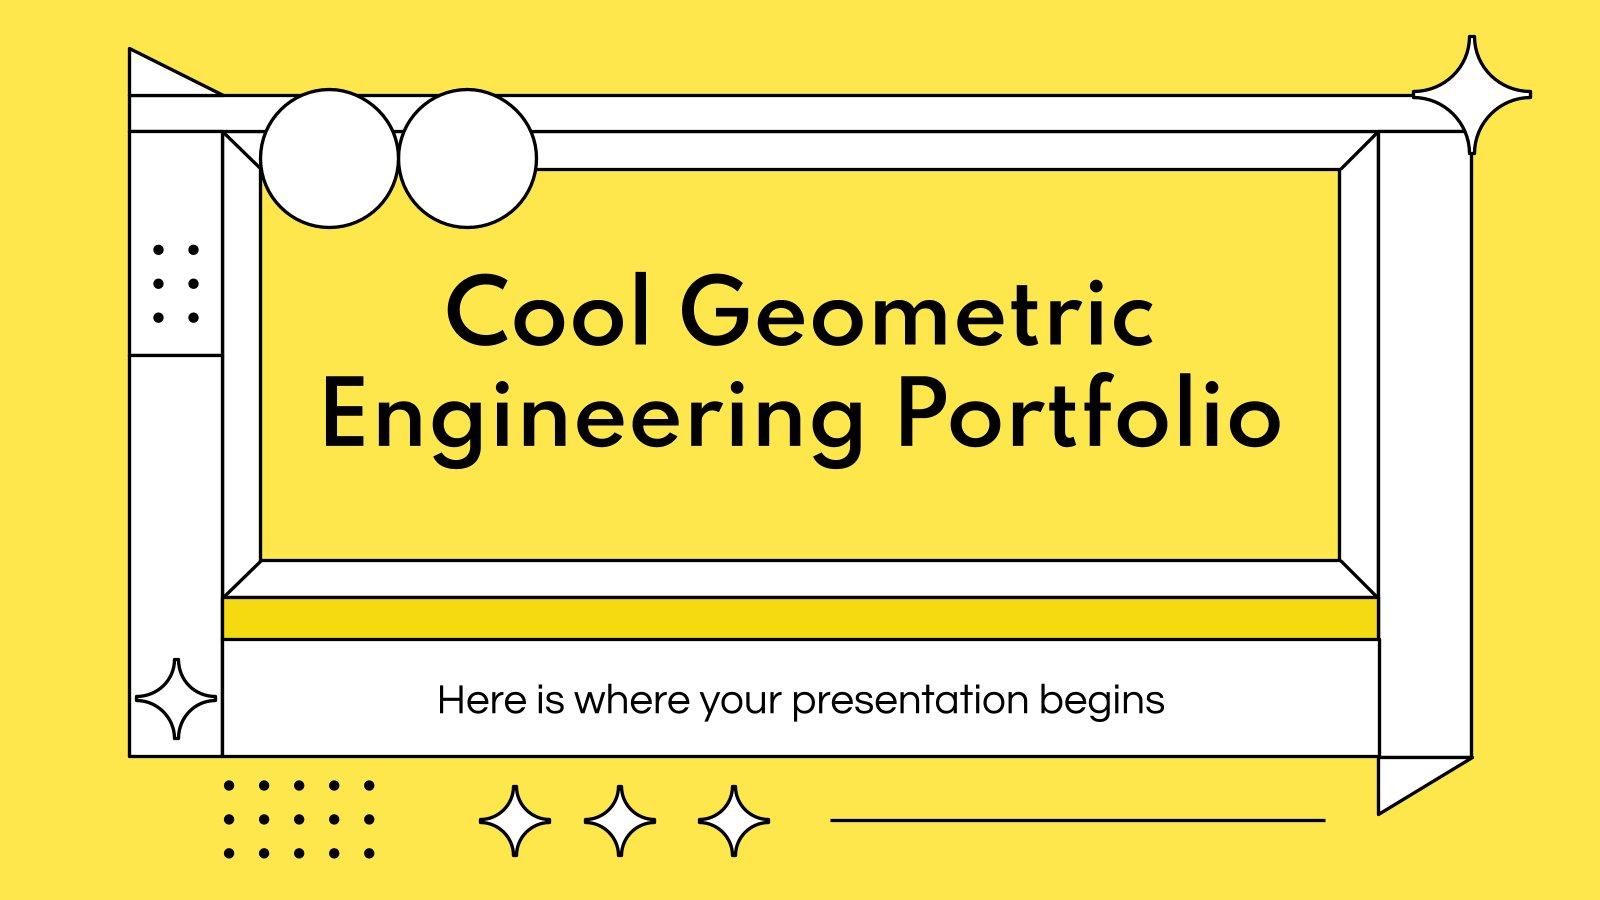 Modelo de apresentação Portfólio geométrico de engenharia